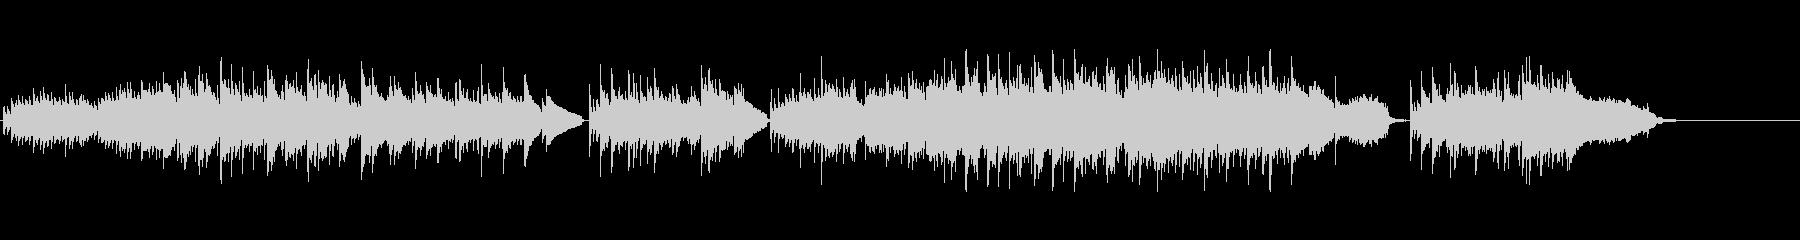 ギターデュオとストリングスによるフォークの未再生の波形